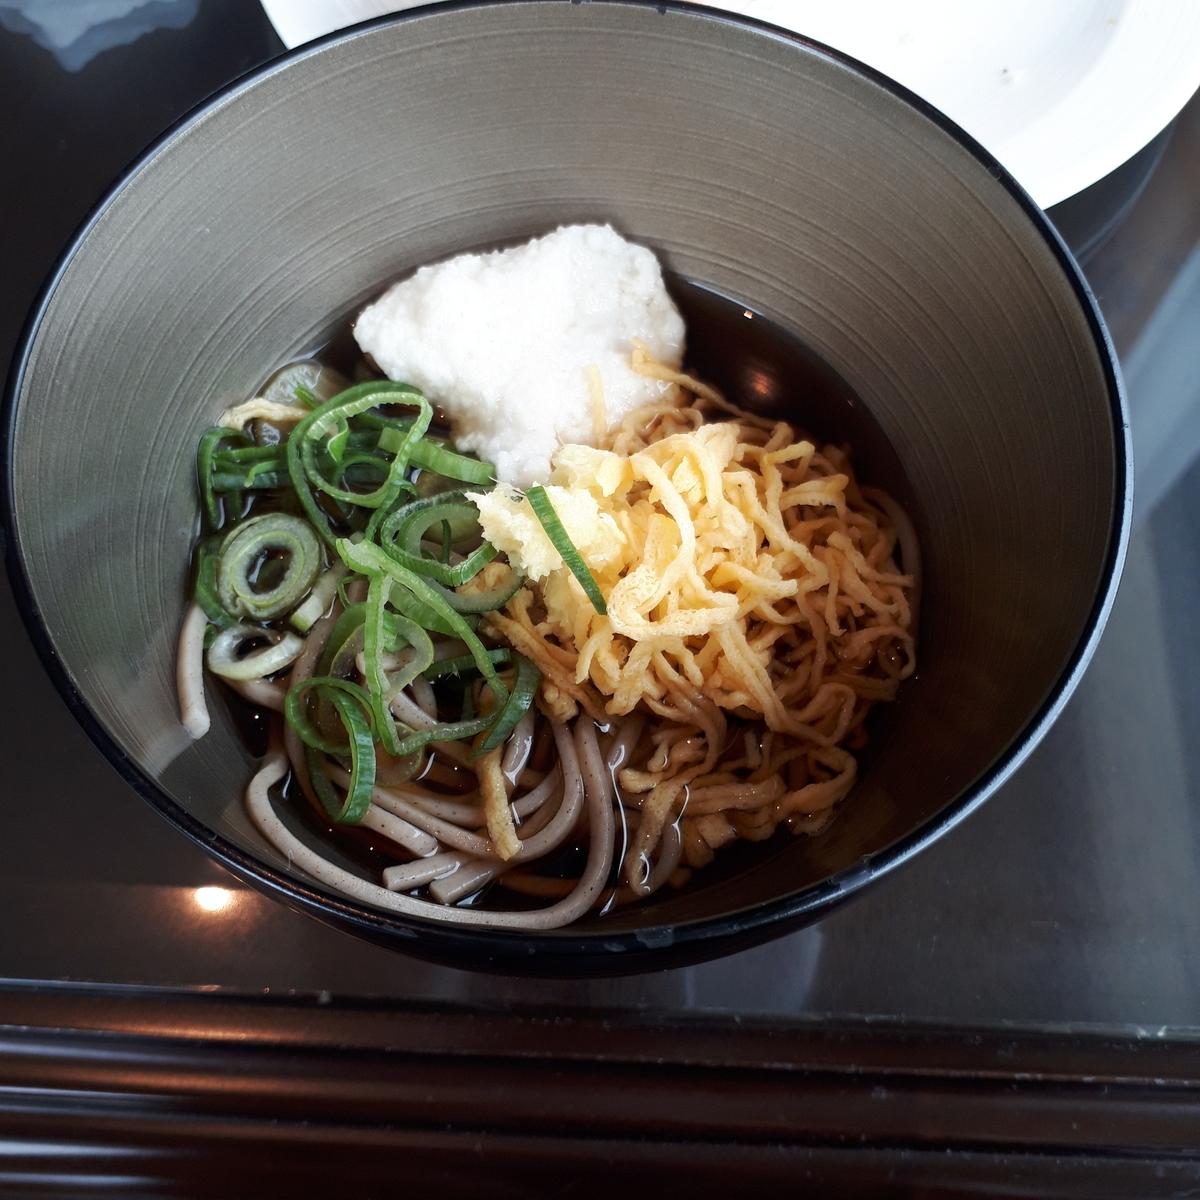 リッツカールトン大阪 クラブデラックス 軽食 冷やしそば